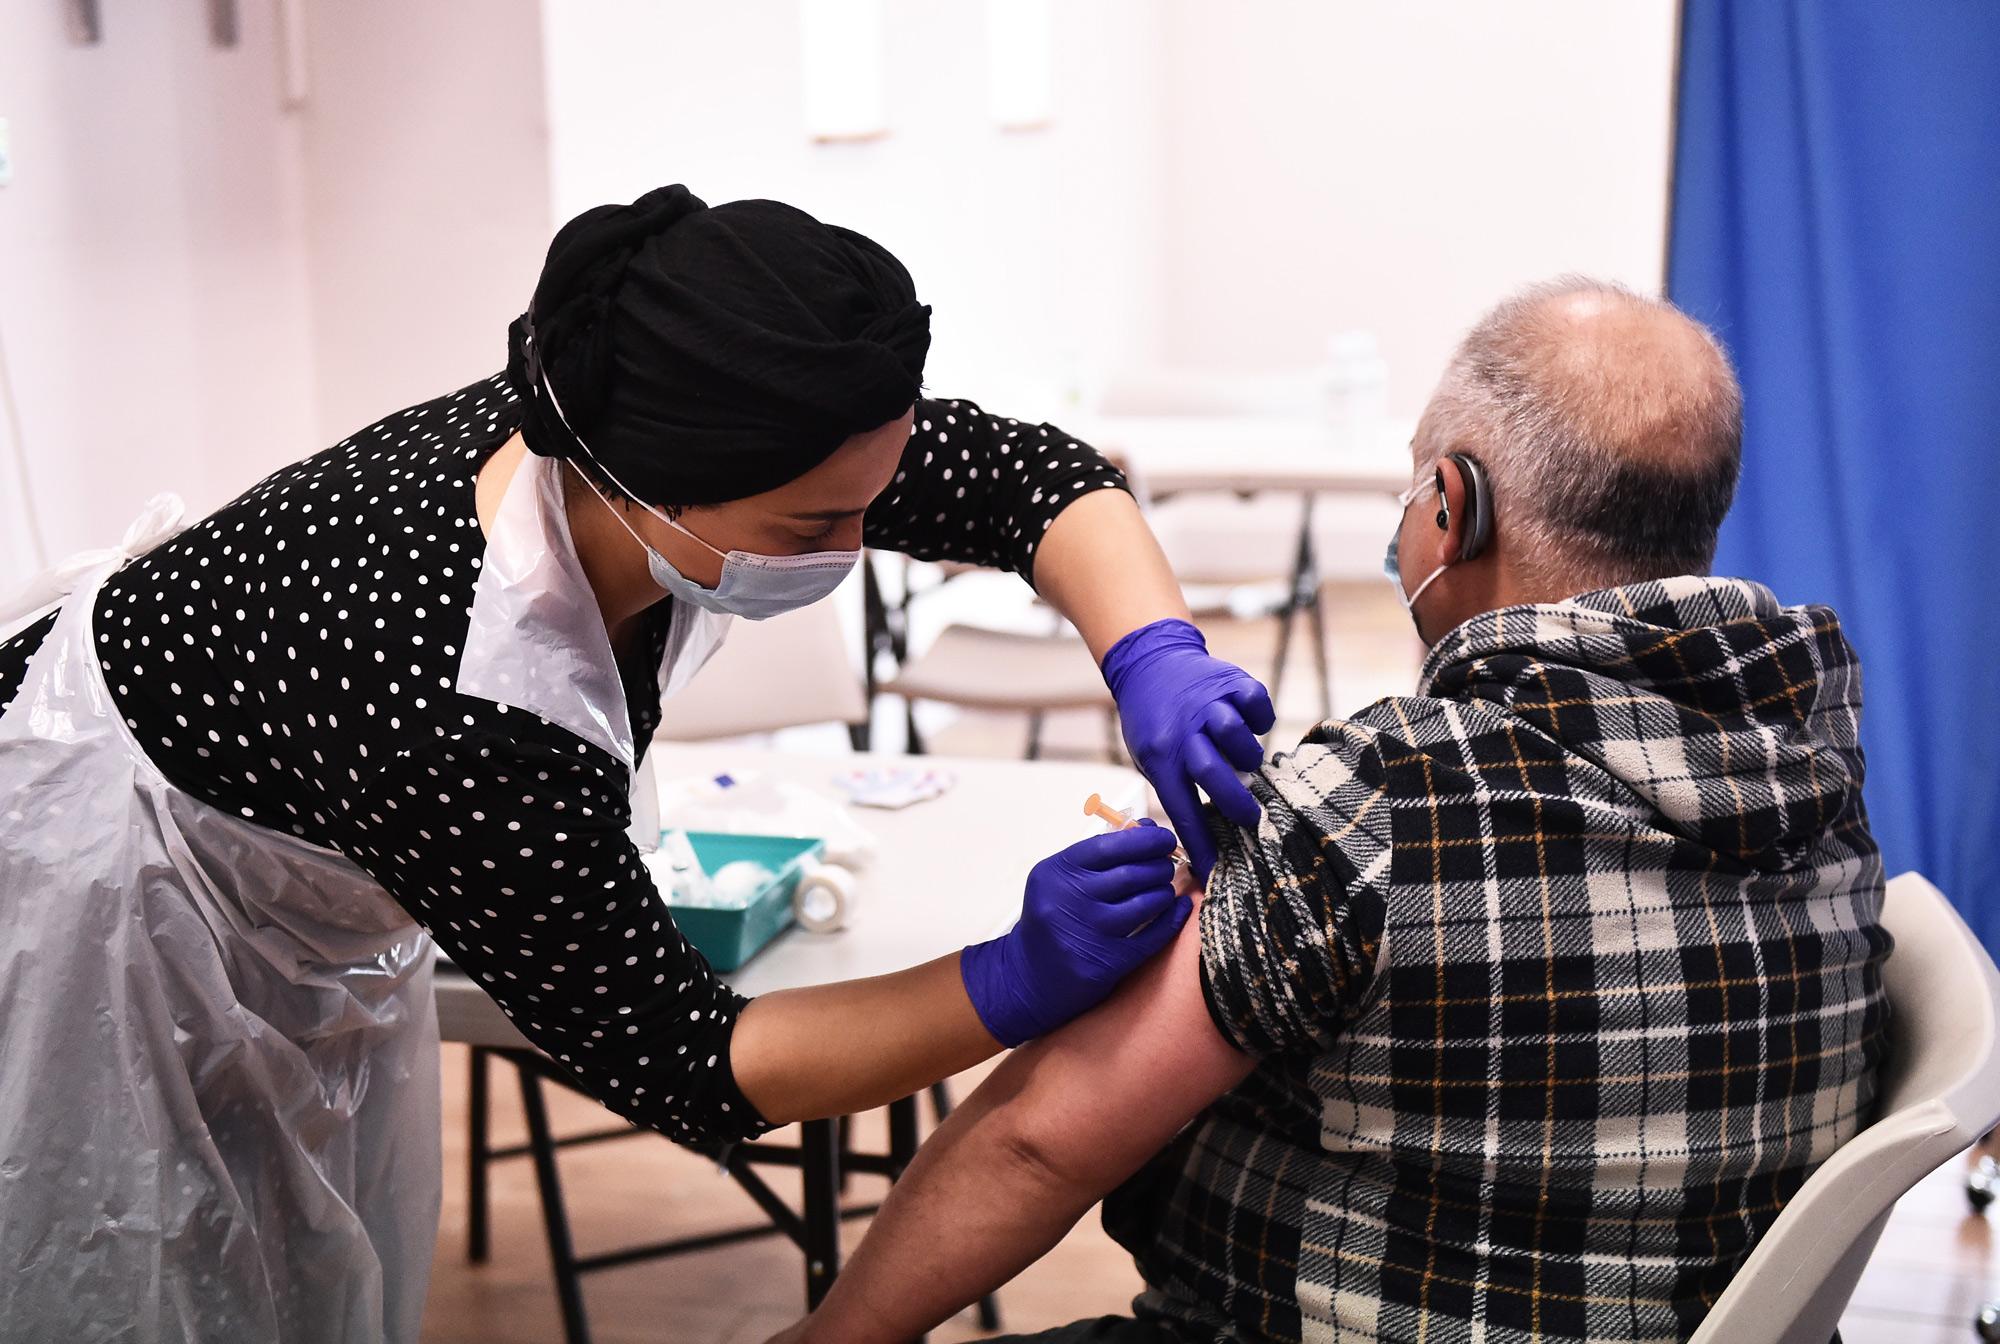 Dritë jeshile në Britani, grupmoshat më të rrezikuara kanë marrë një dozë të vaksinës anti-Covid